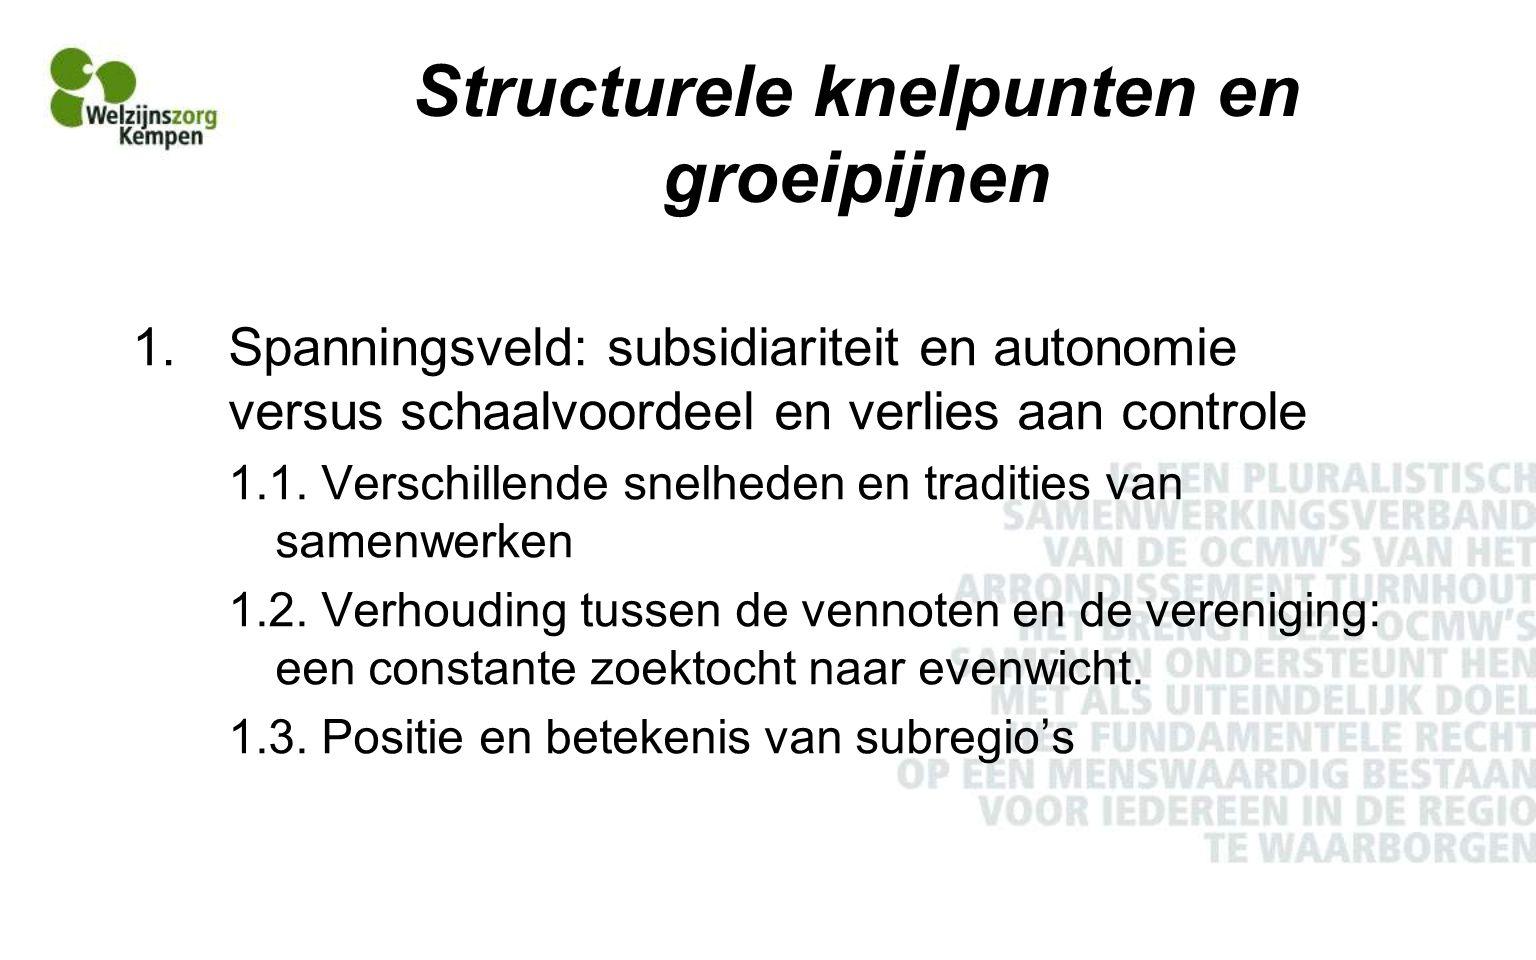 Structurele knelpunten en groeipijnen